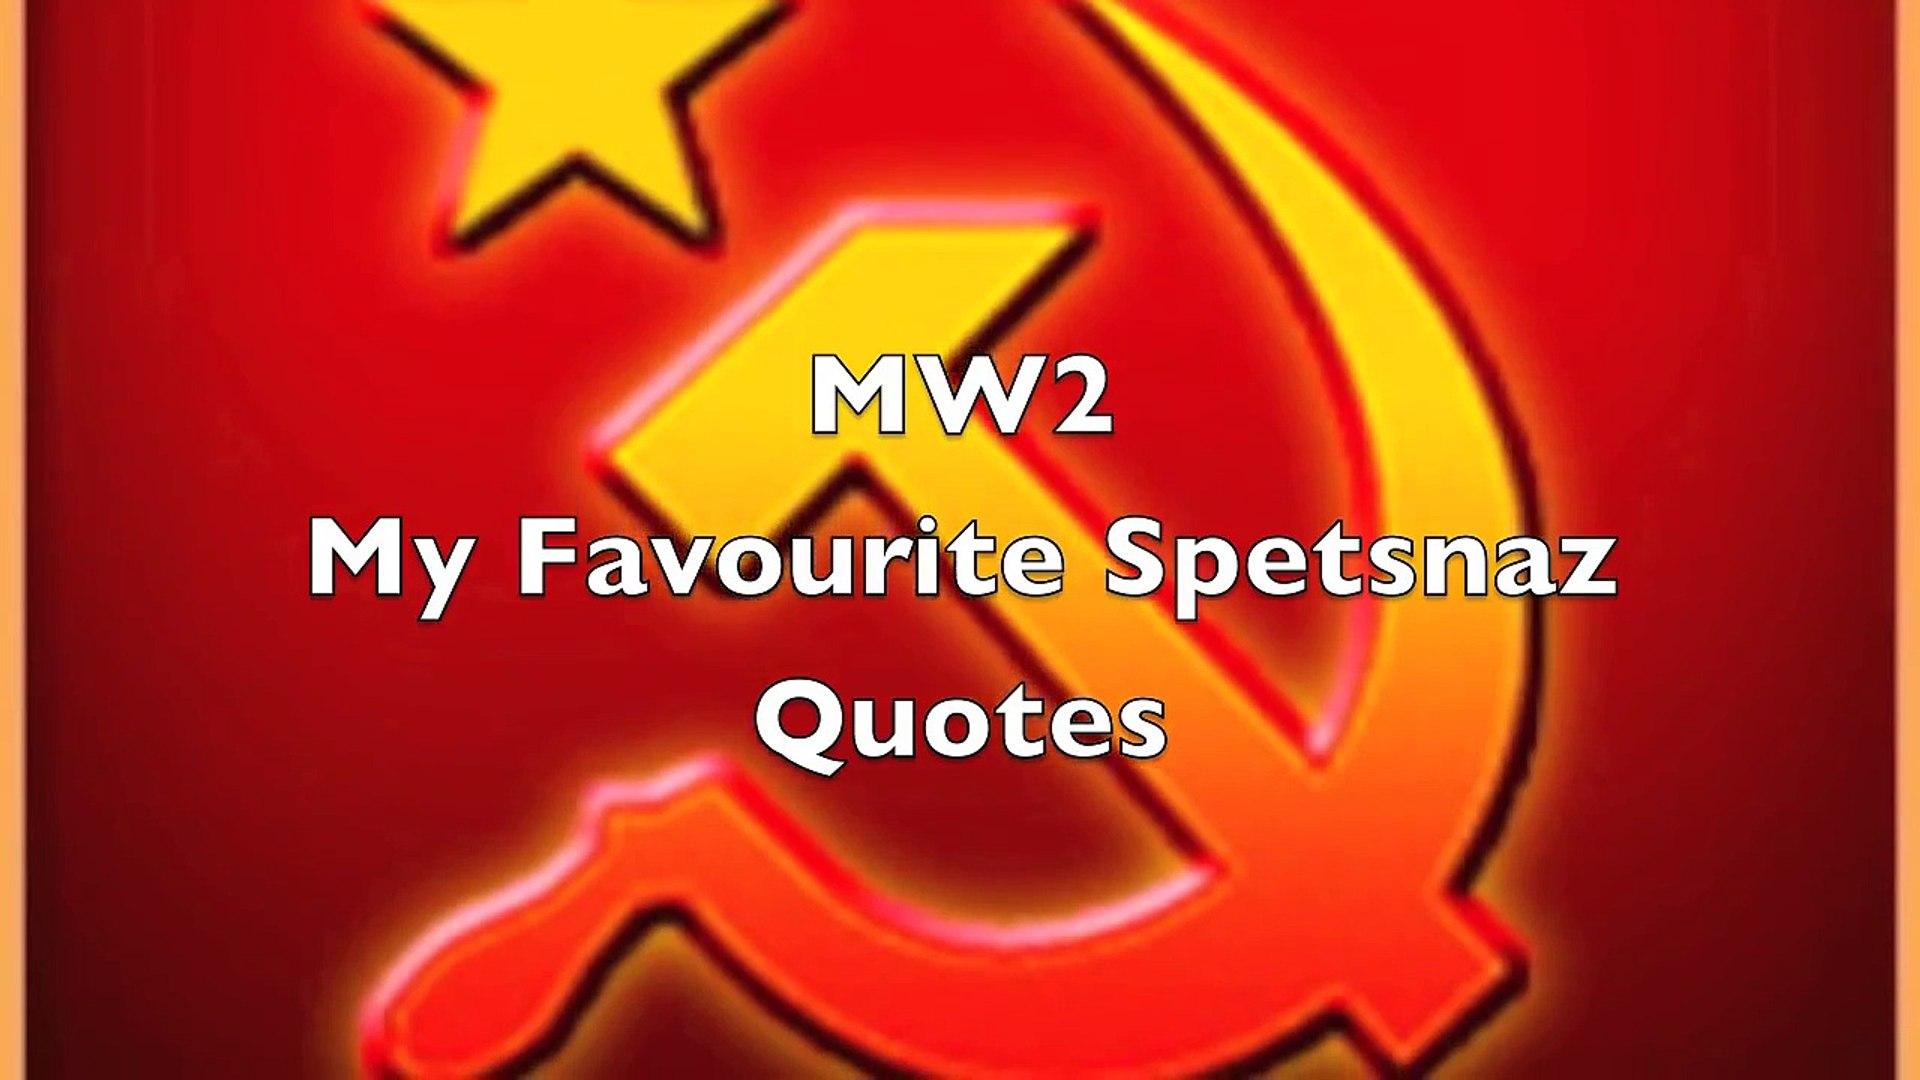 Mw2 Spetsnaz Quotes